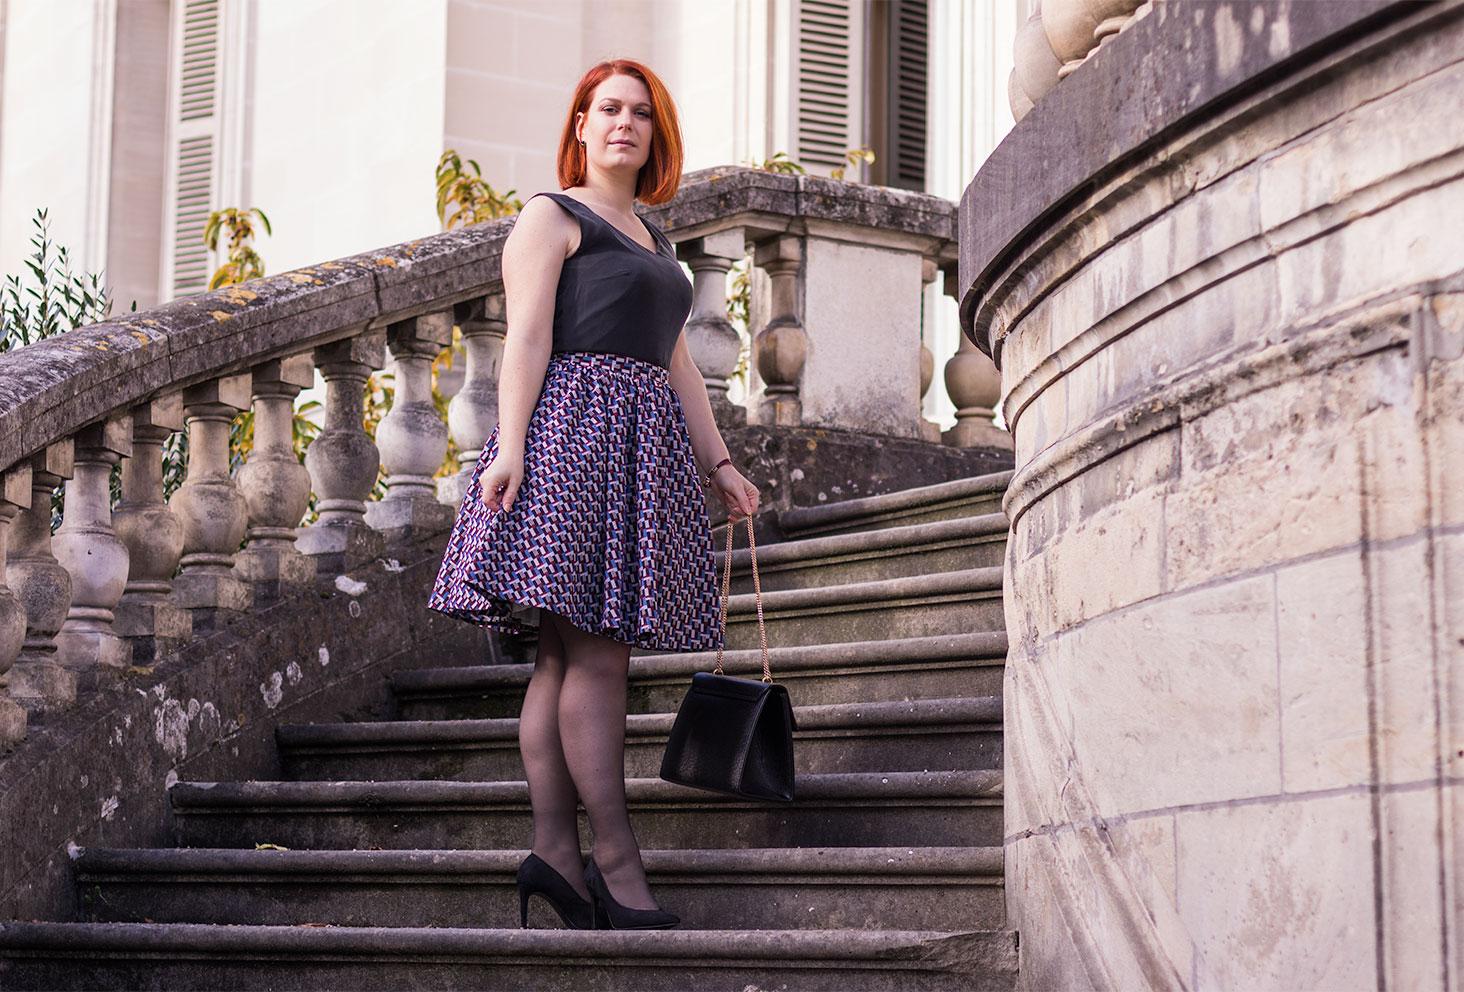 Look entier de la robe personnalisée Nejide sur les marches en pierre